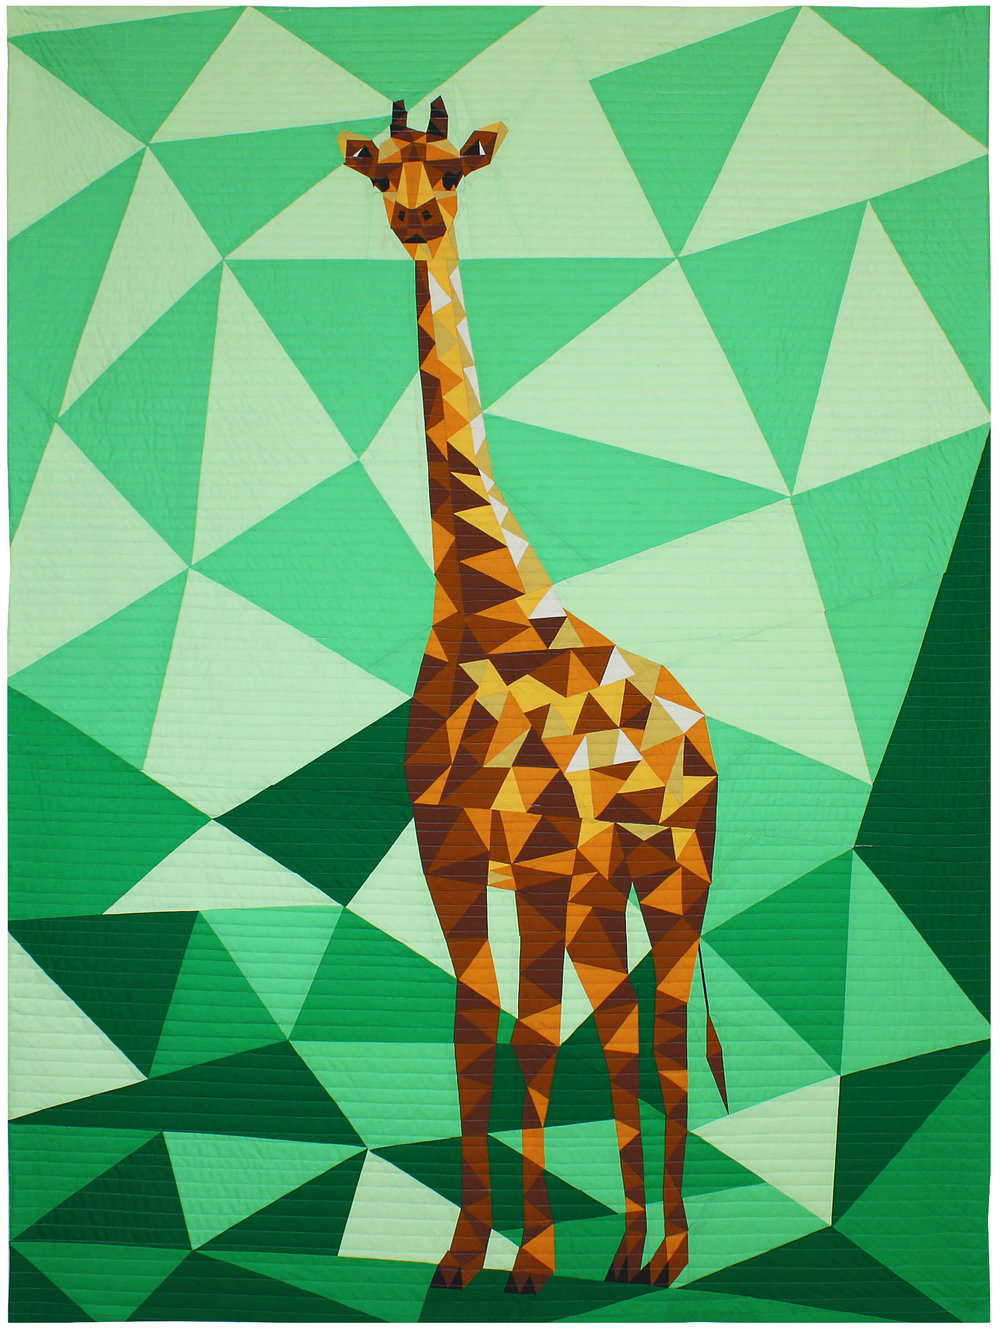 VC009_Giraffe AbstractionsQuilt_original.jpg